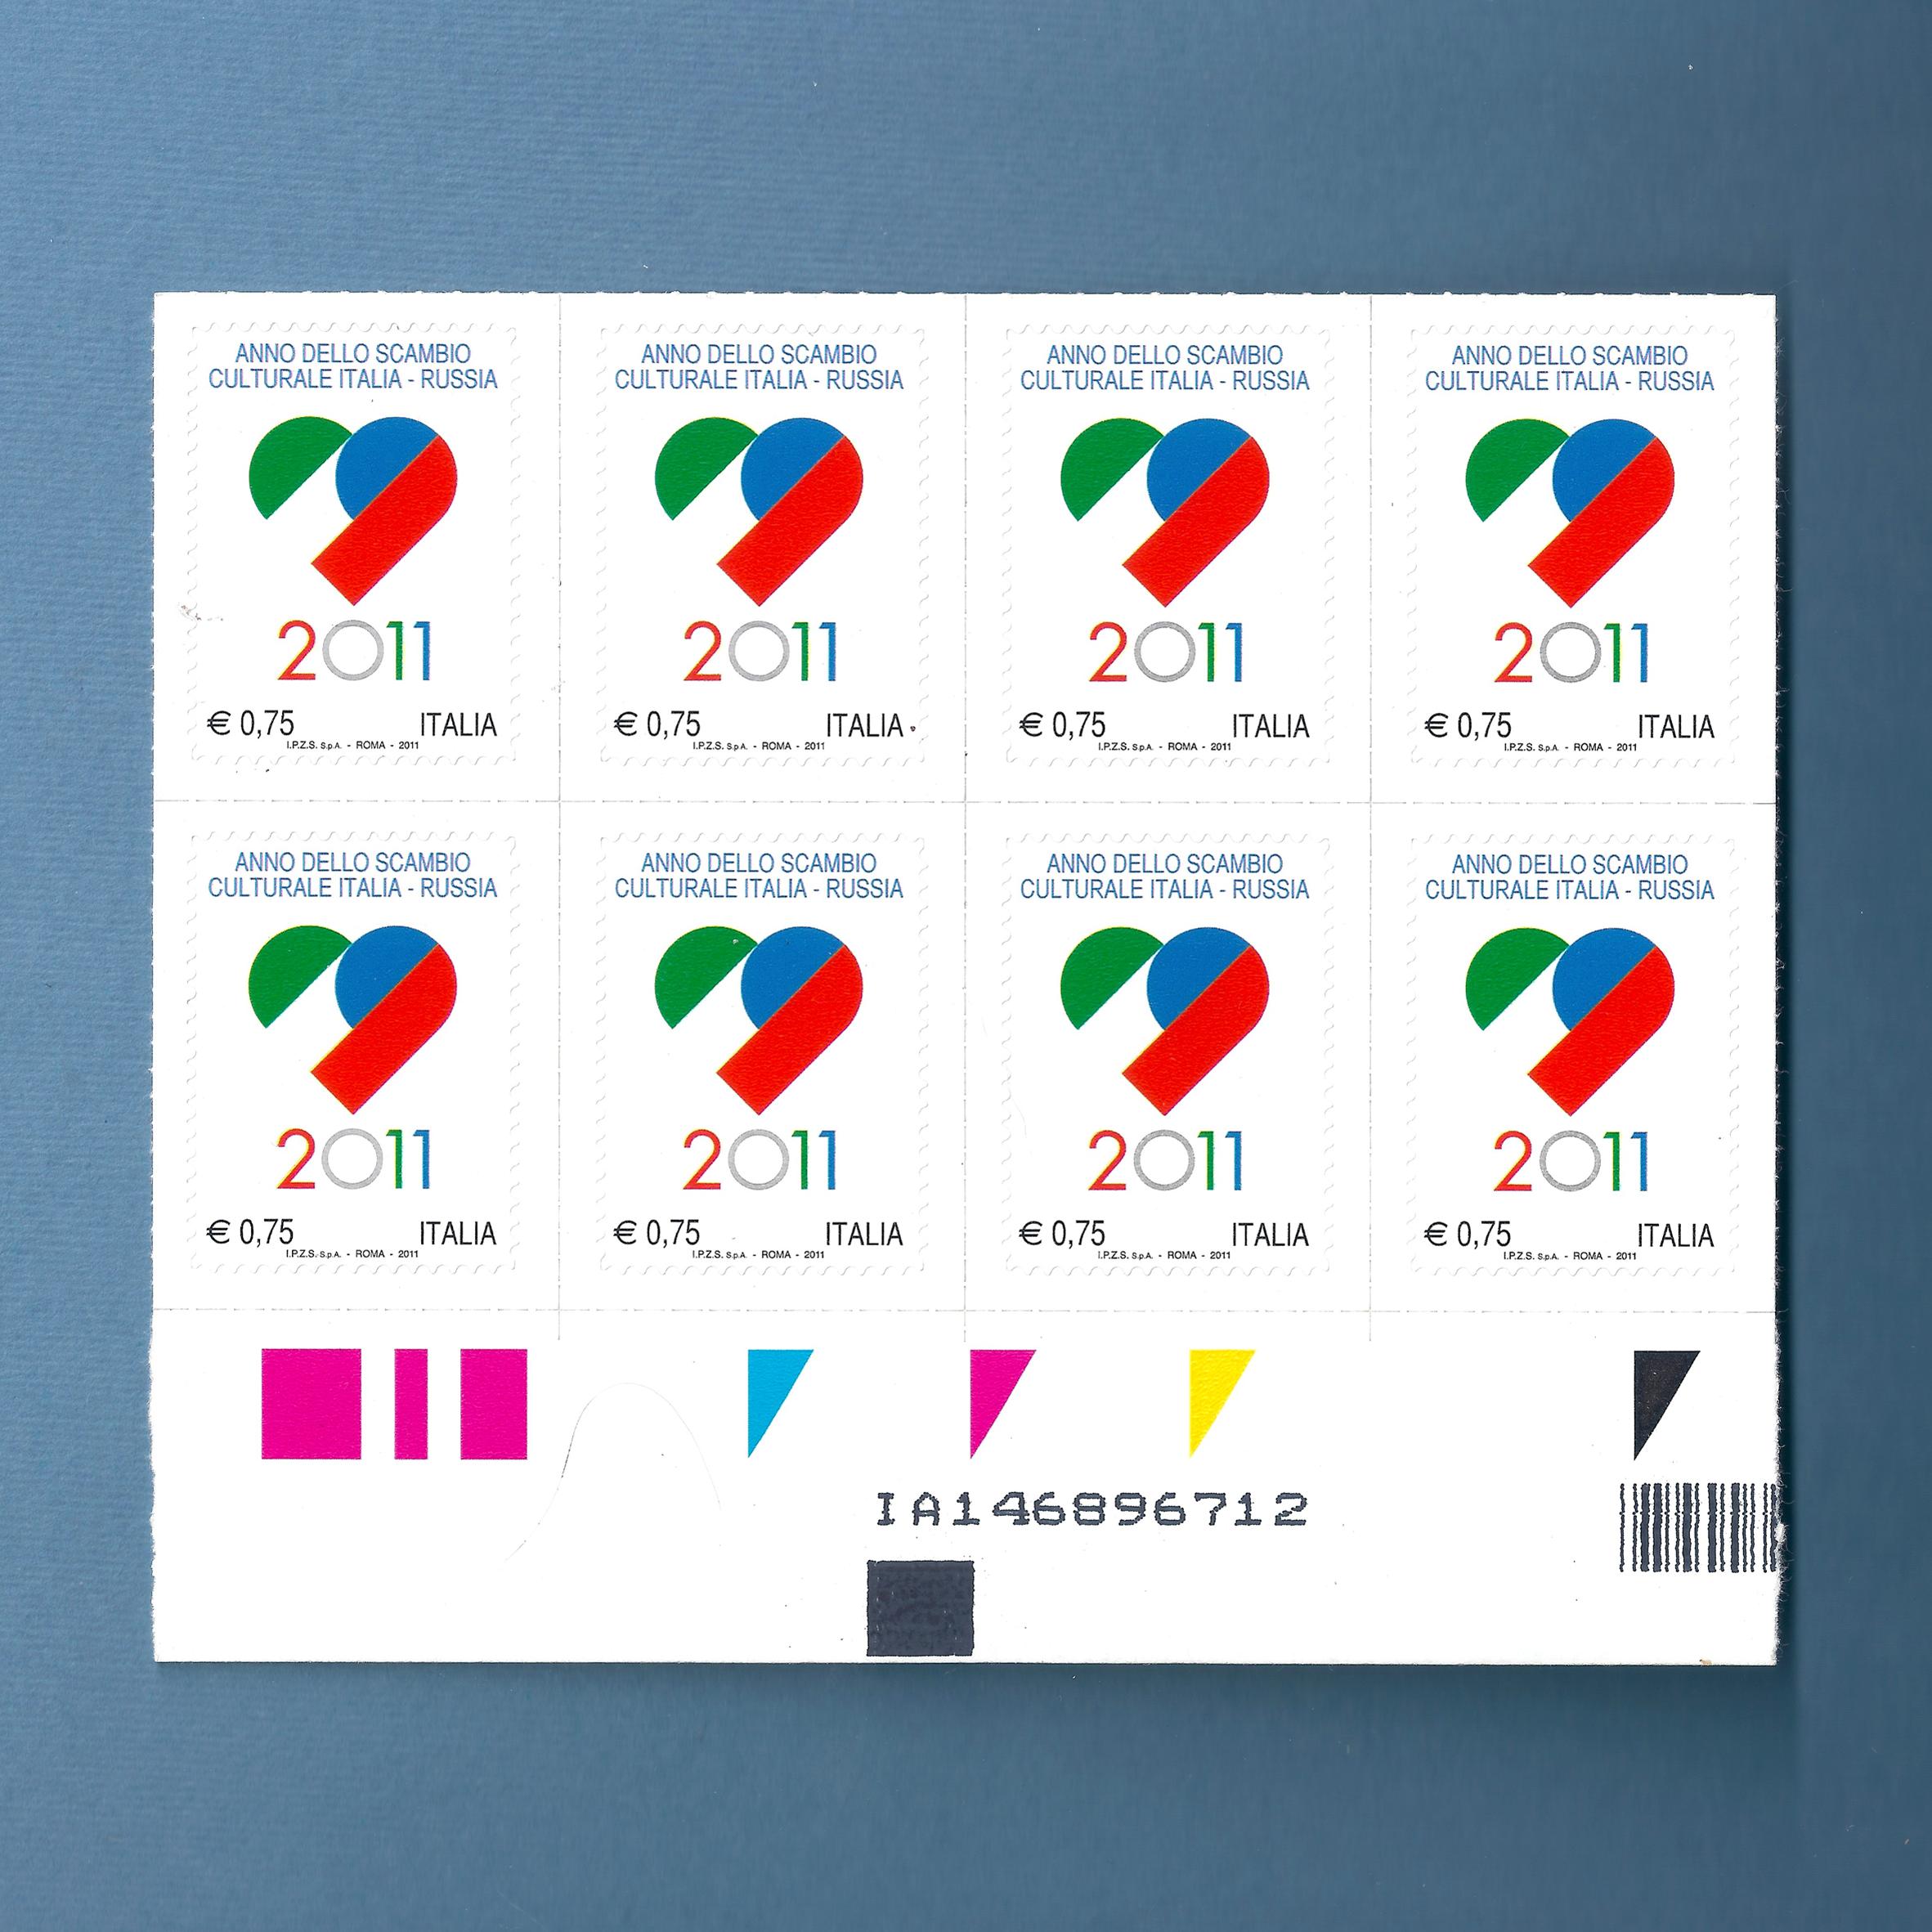 Год Италия-Россия, 2011 (почтовые марки)